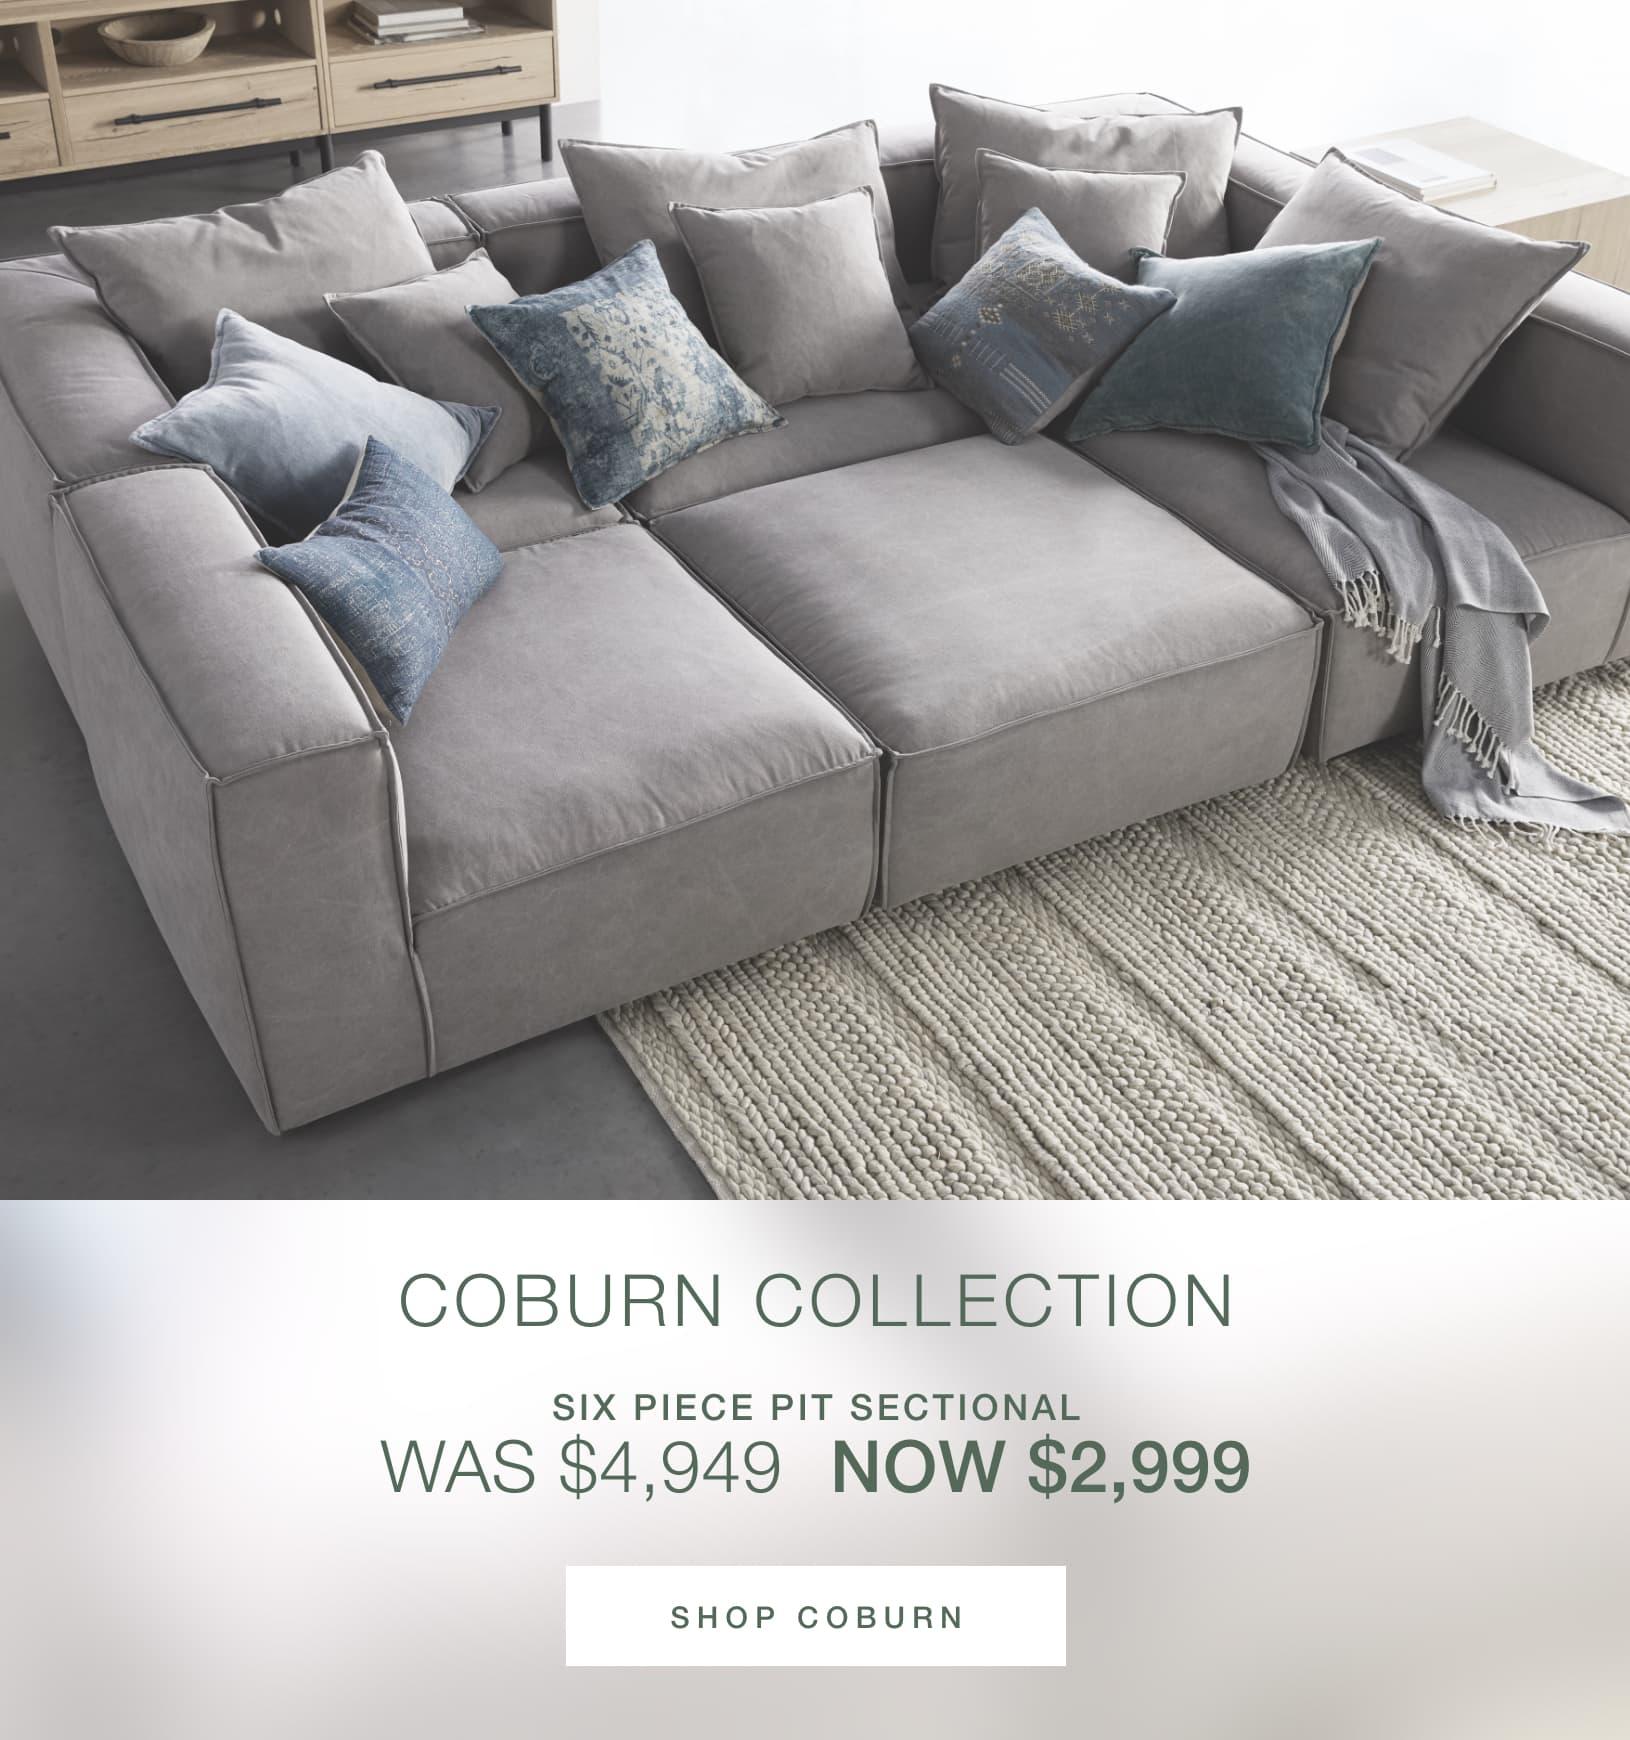 Shop Coburn